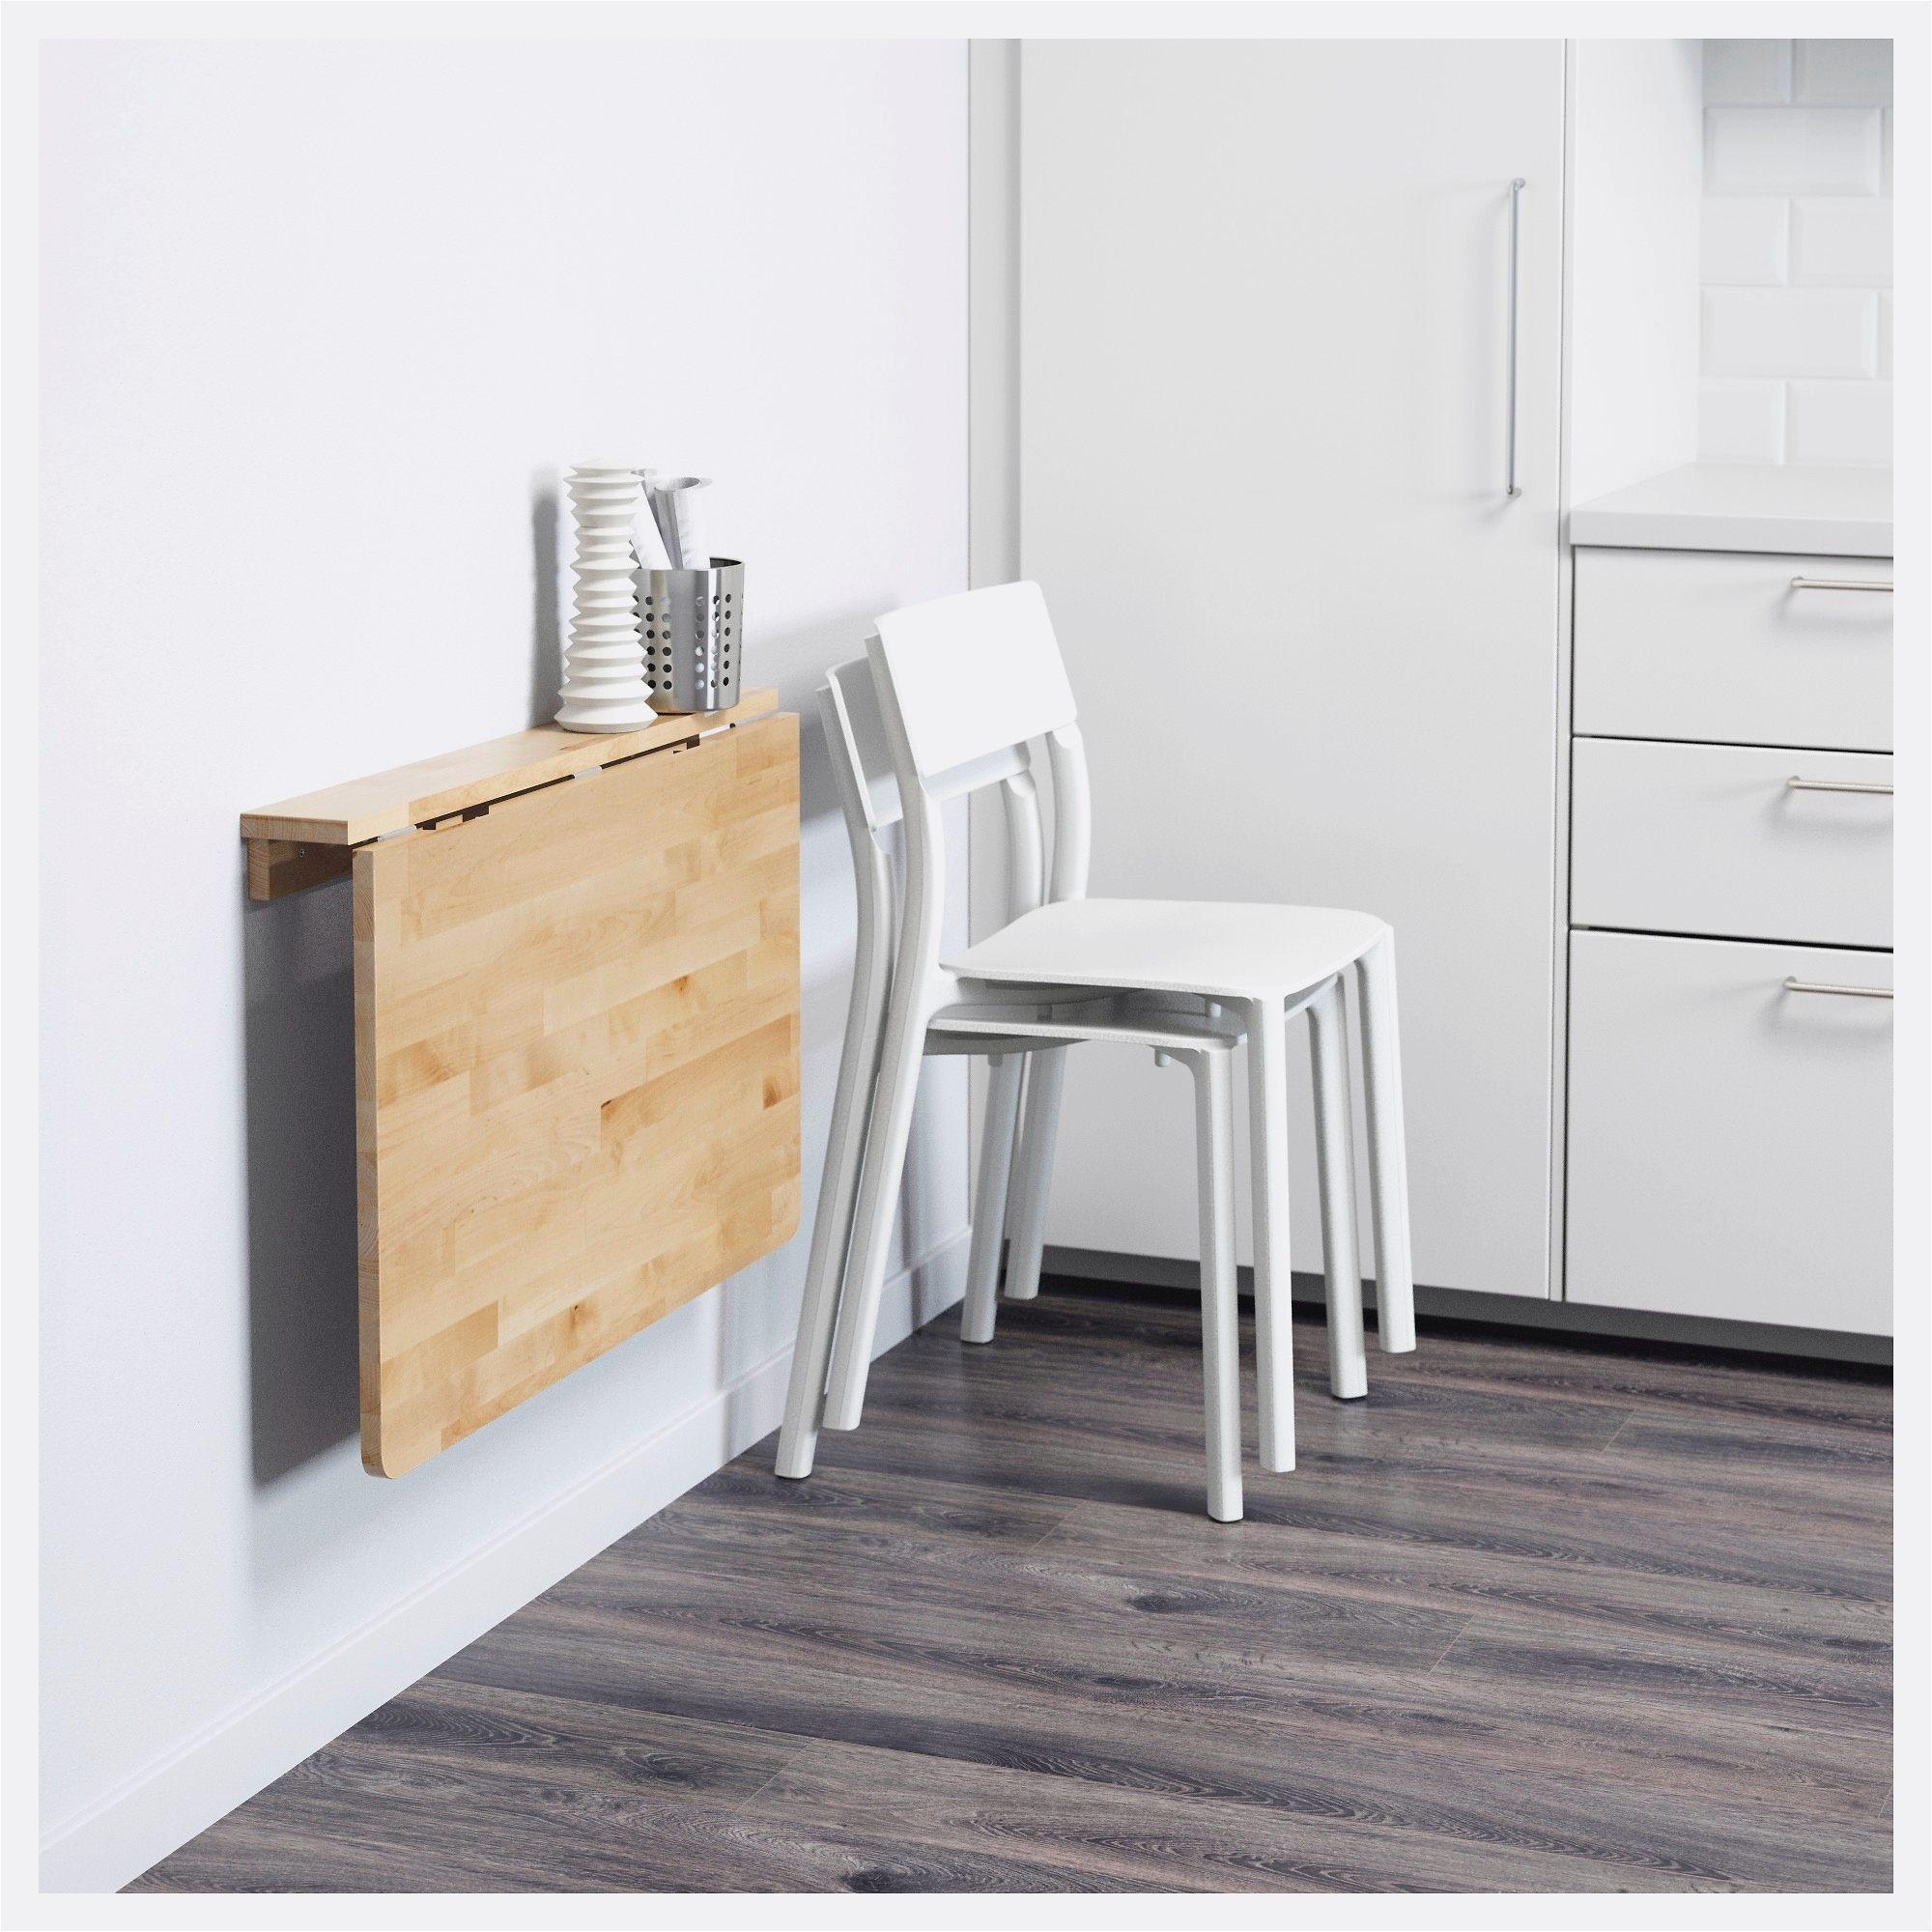 Lit Une Place Et Demi Ikea Joli Lit Rabattable Ikea Unique 26 Best Mécanisme De Lit Escamotable Lift